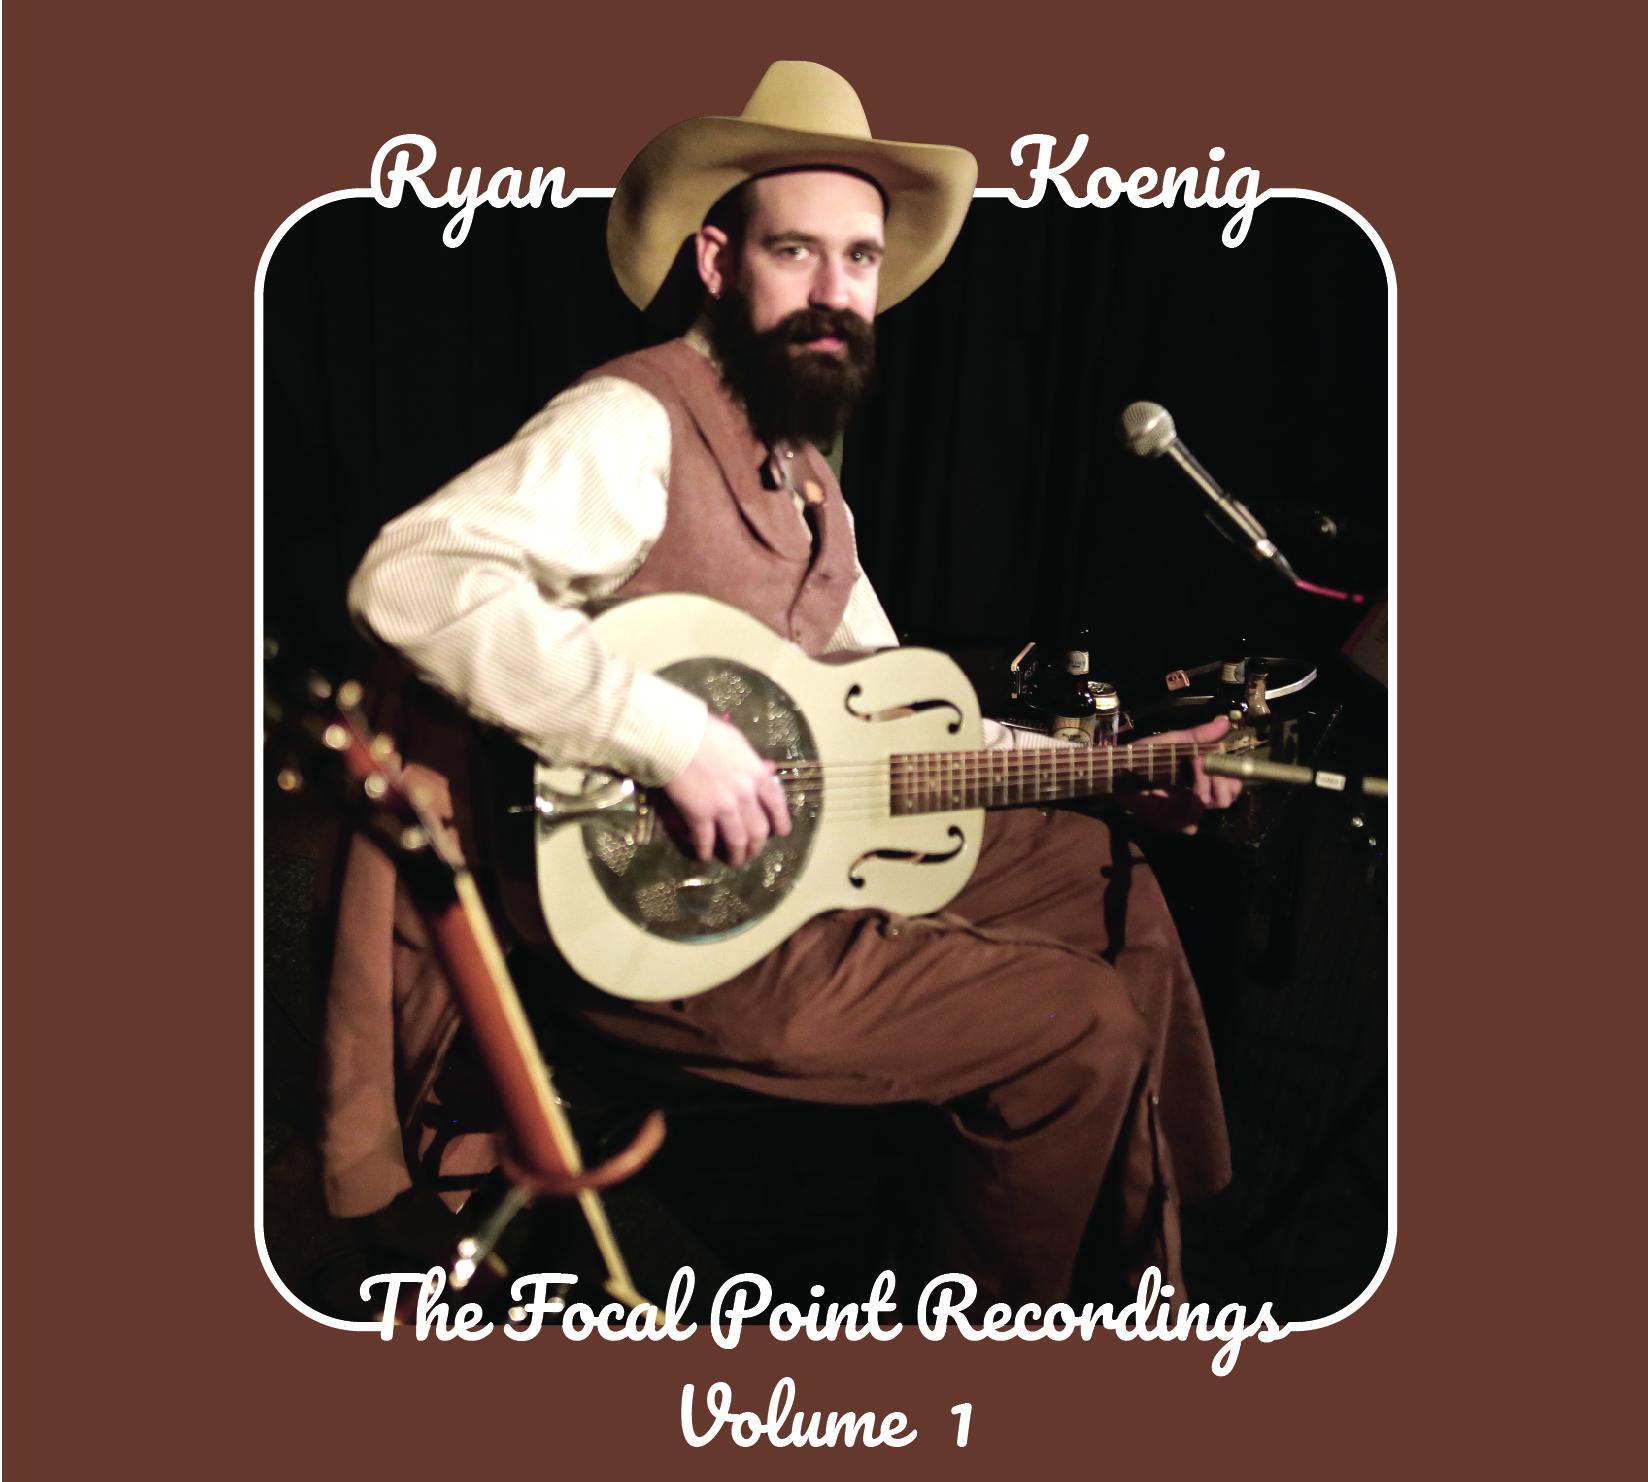 Ryan Koenig